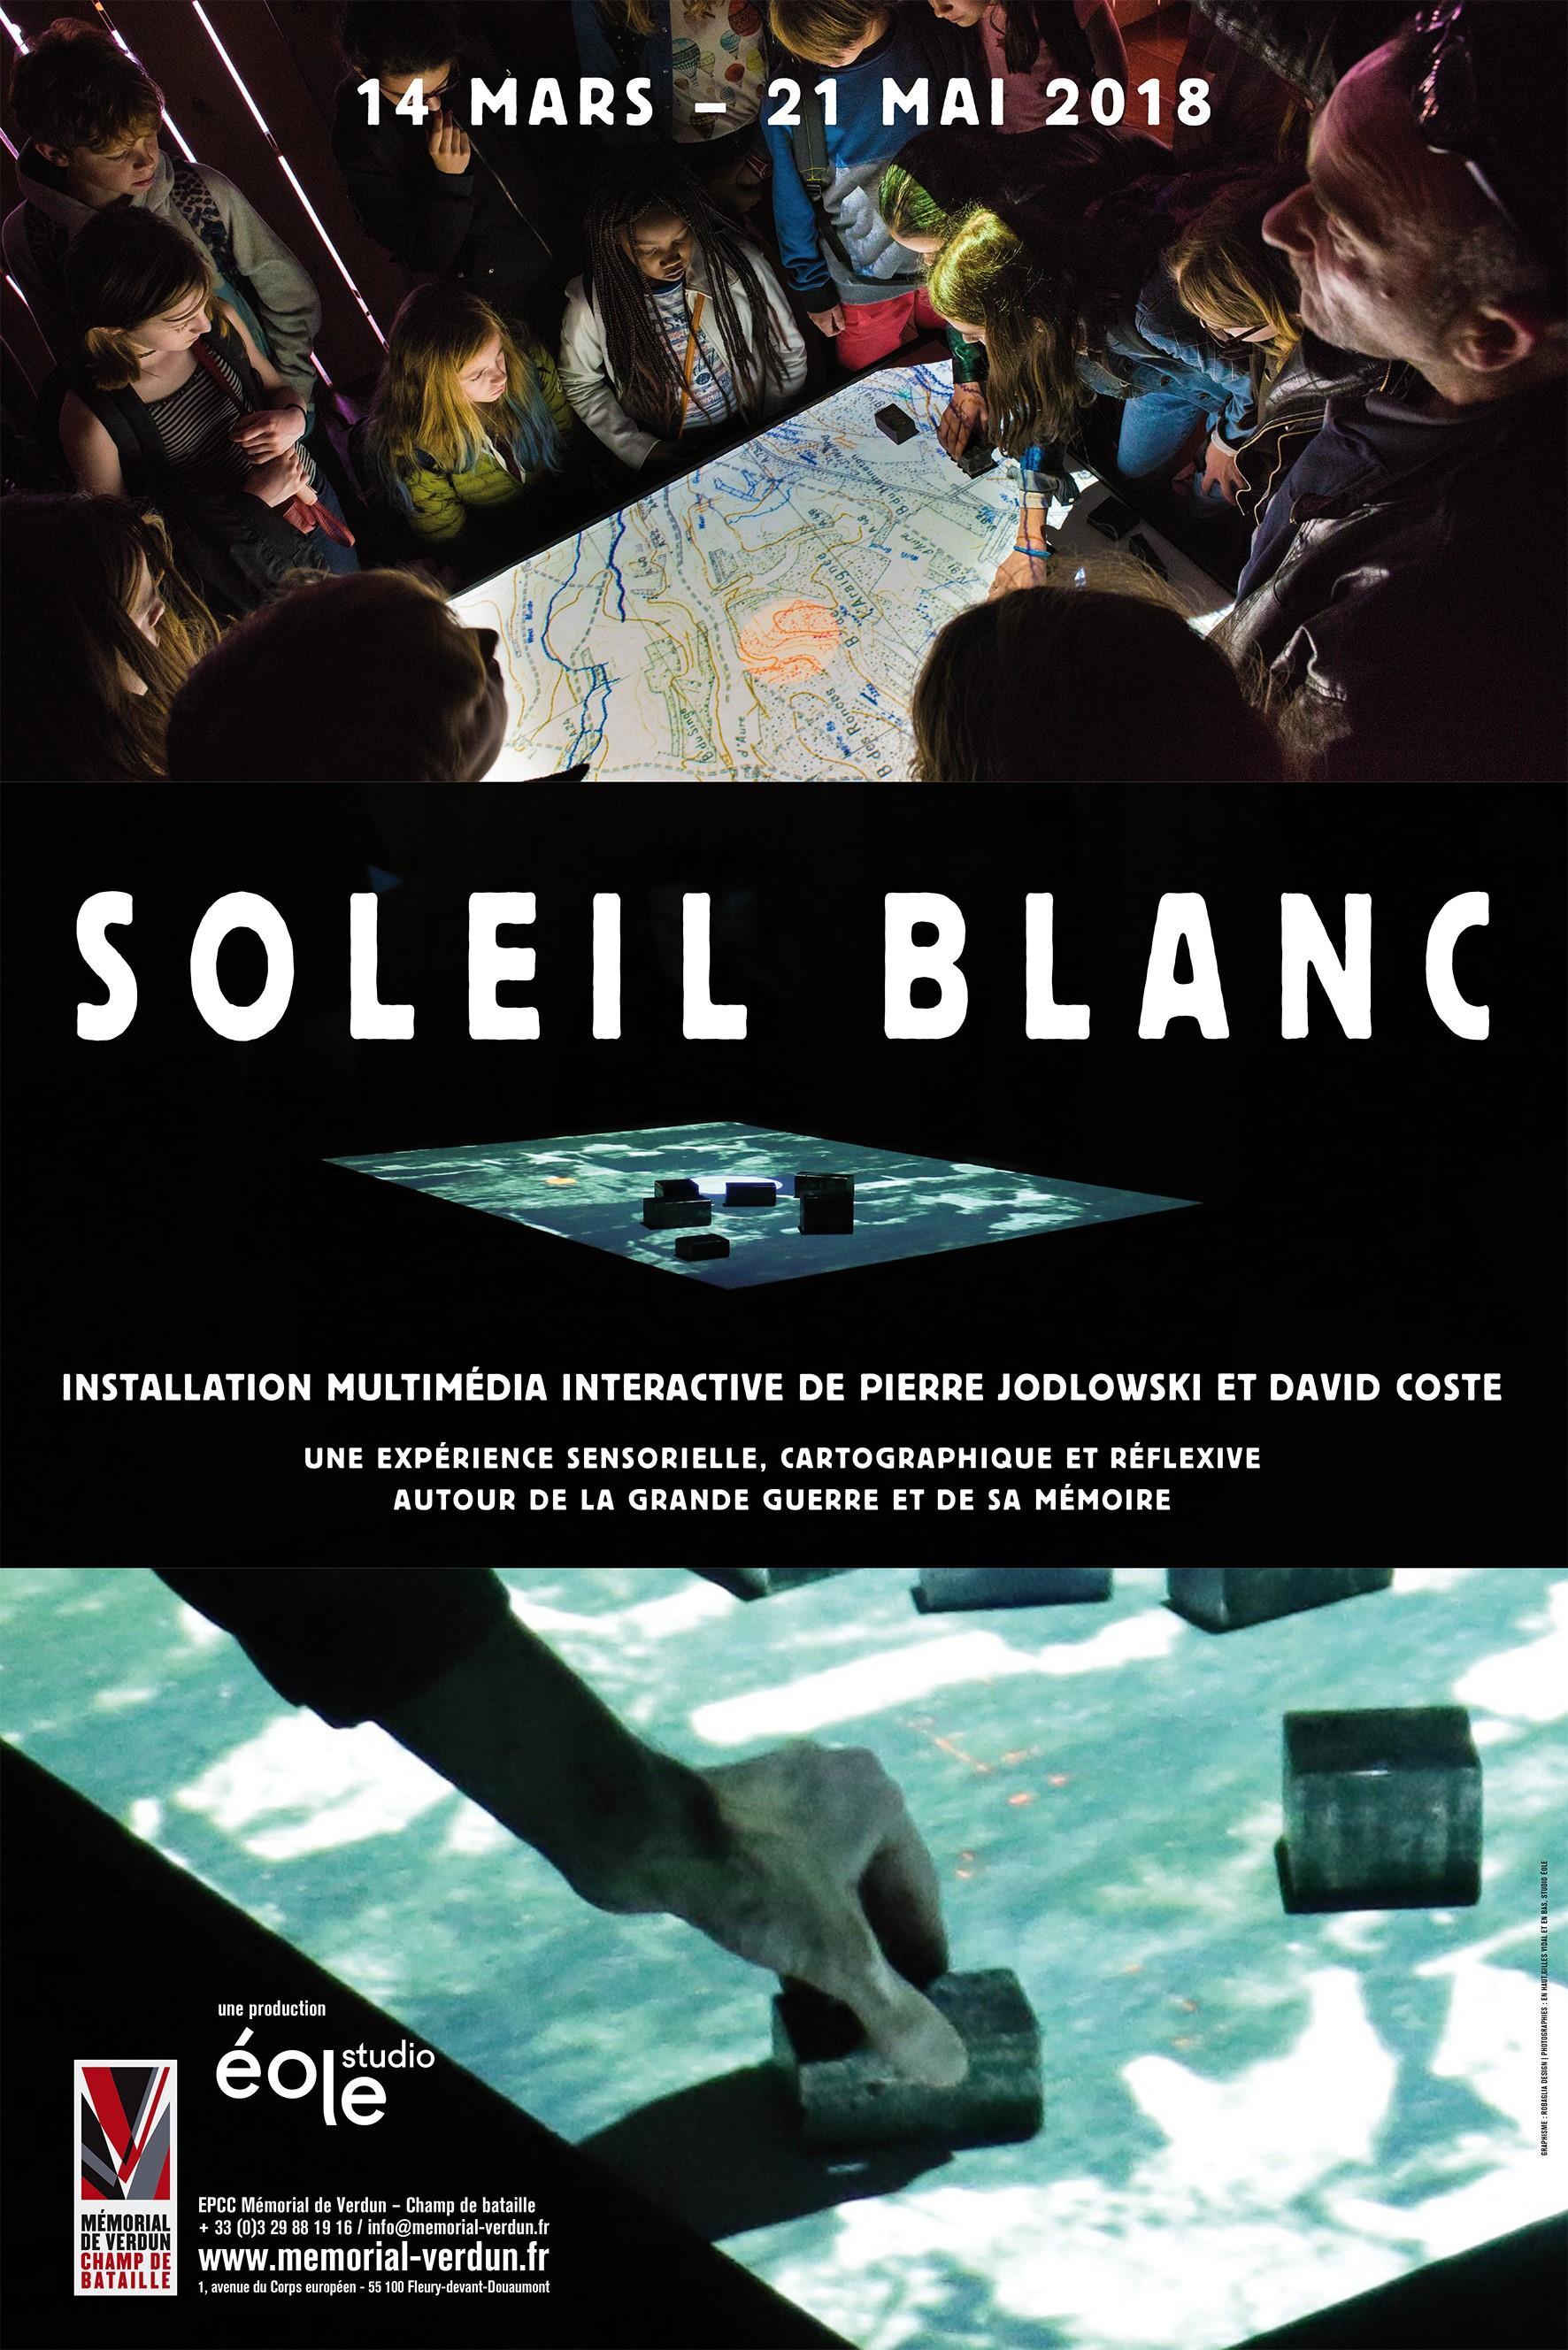 CONFÉRENCE | 'SOLEIL BLANC', RENCONTRE AVEC PIERRE JODLOWSKI